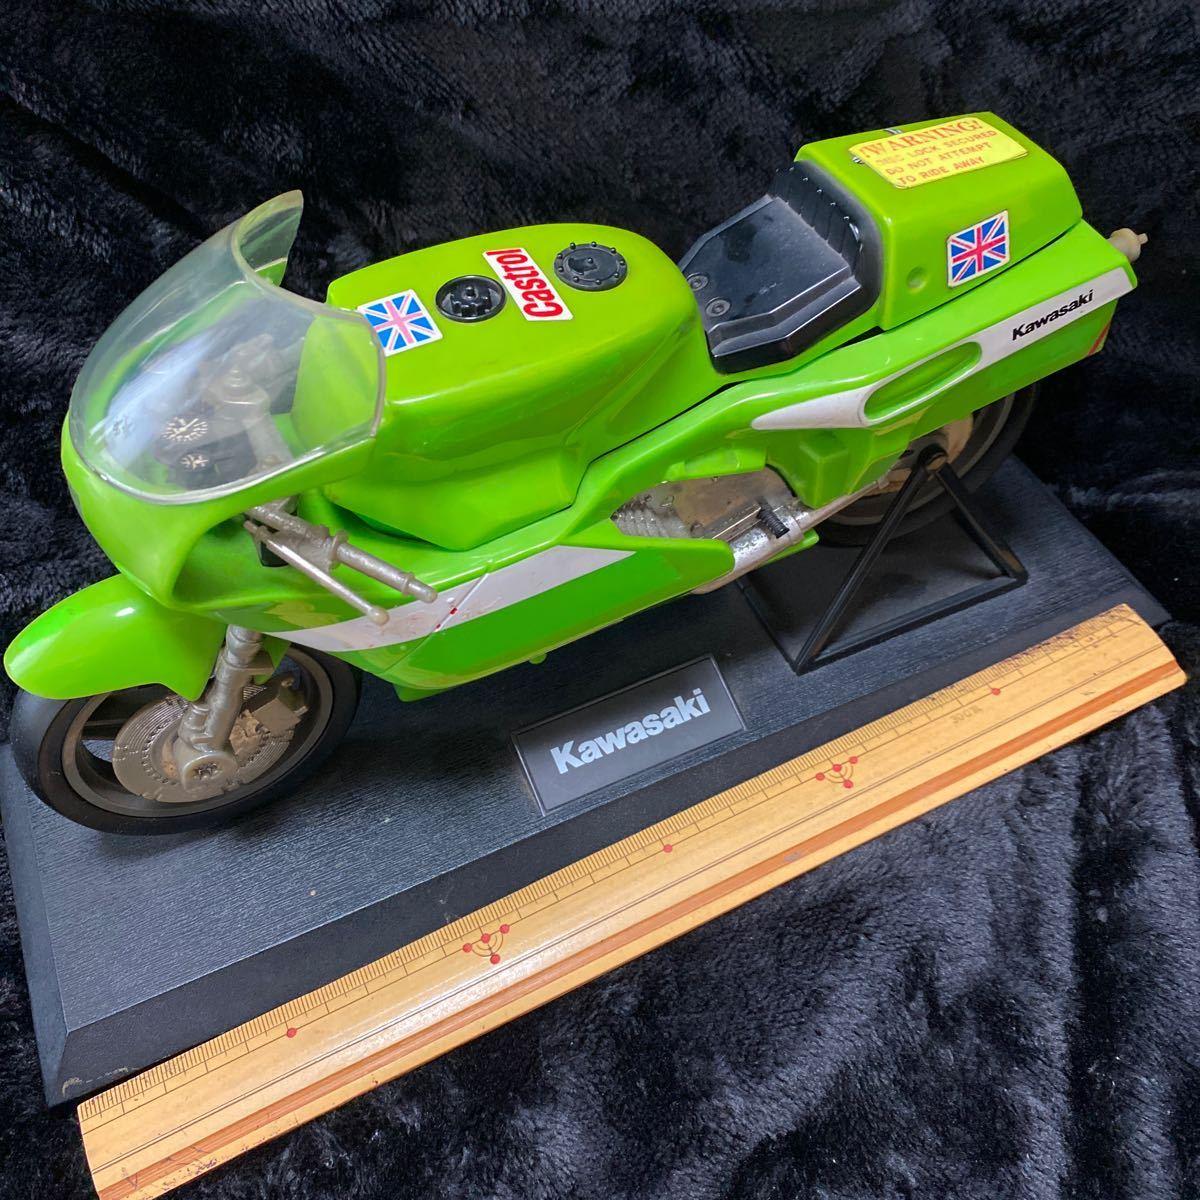 【現状渡し】Kawasaki YE-500 バイク型固定電話 ユピテル工業株式会社 レトロ コレクション品 カワサキ バイク アンティーク 電話機電話器_画像1